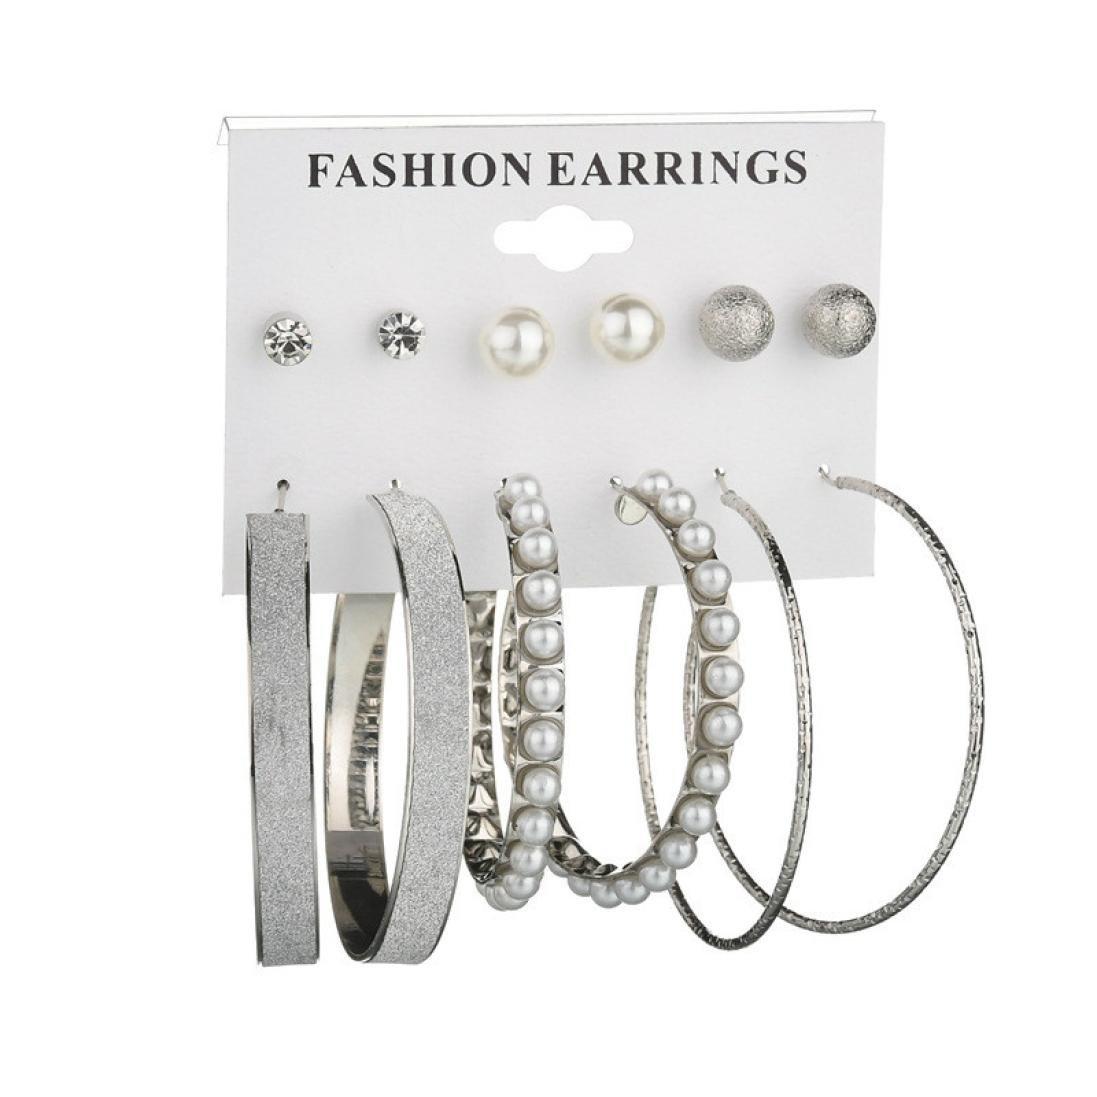 Earrings Set Of 6,Round Hoop Earrings,Pearl Earrings,Ladies Earrings Sale Clearance,Beautytop Drop Stud Earrings,Gifts For Women Under 5 Pounds,Jewellery Sets,Mothers Day Gift